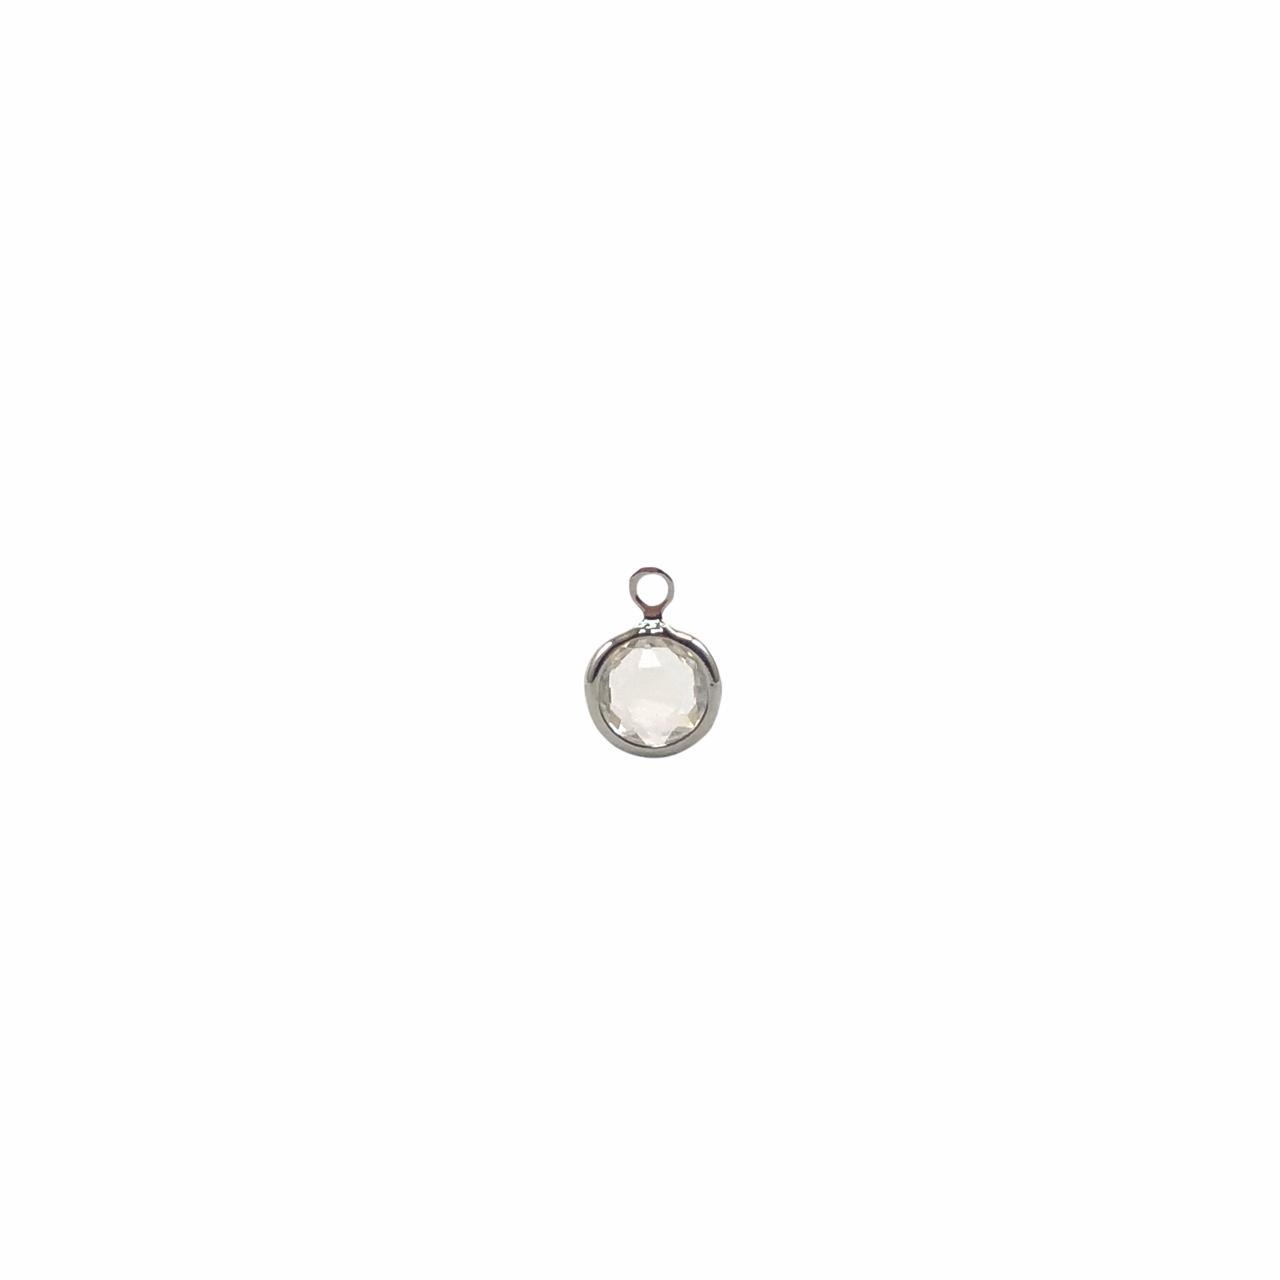 PG897 - Pingente De Vidro Cristal 6mm Banhado Cor Prata - 04Unids